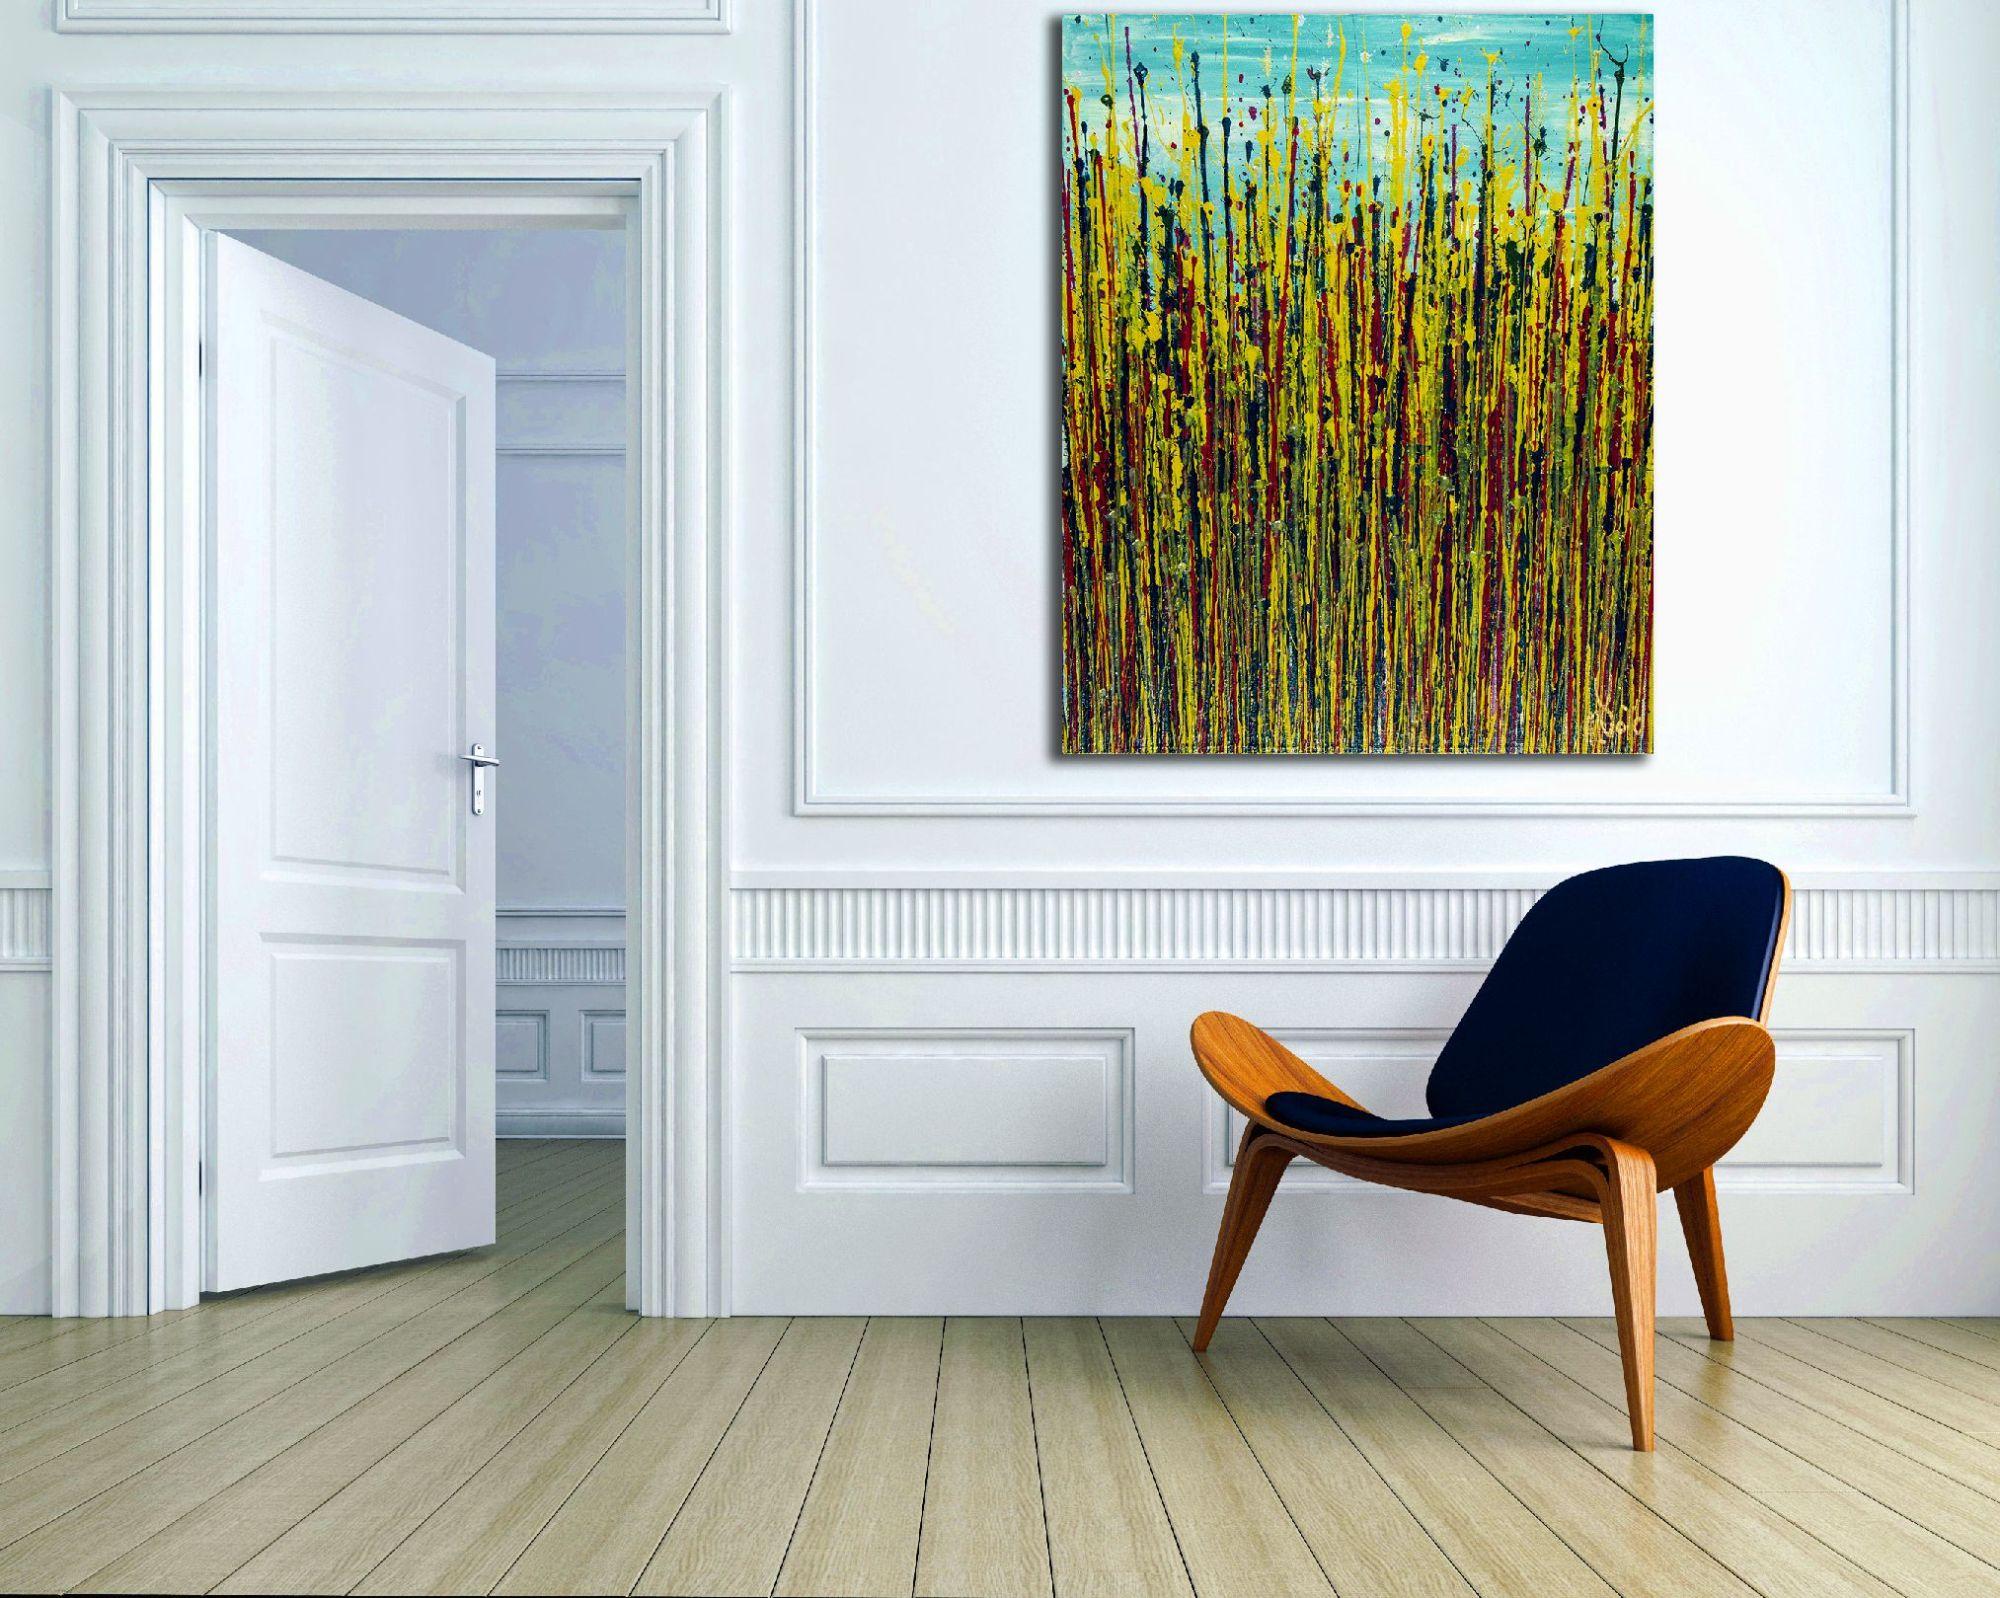 Daydream panorama (Natures Imagery) 22 (2020) by Nestor Toro